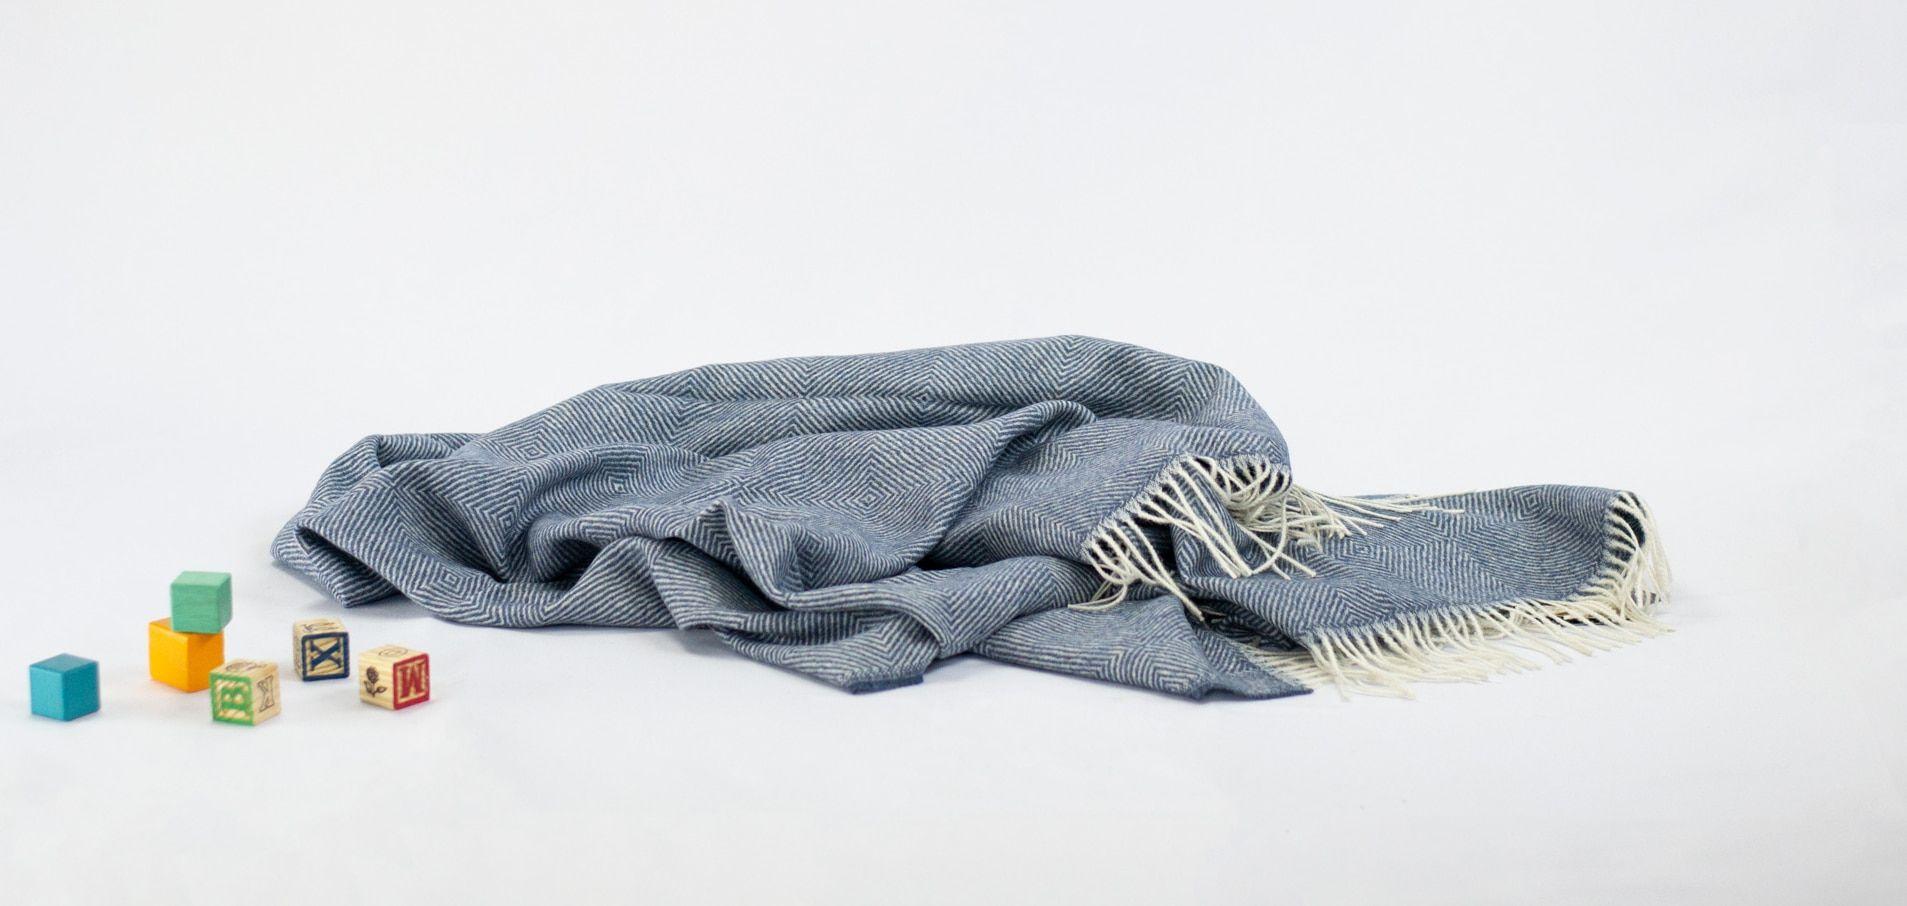 Alpaca Blanket Throw Buyer S Guide In 2020 Alpaca Blanket Throw Blanket Microfiber Blanket